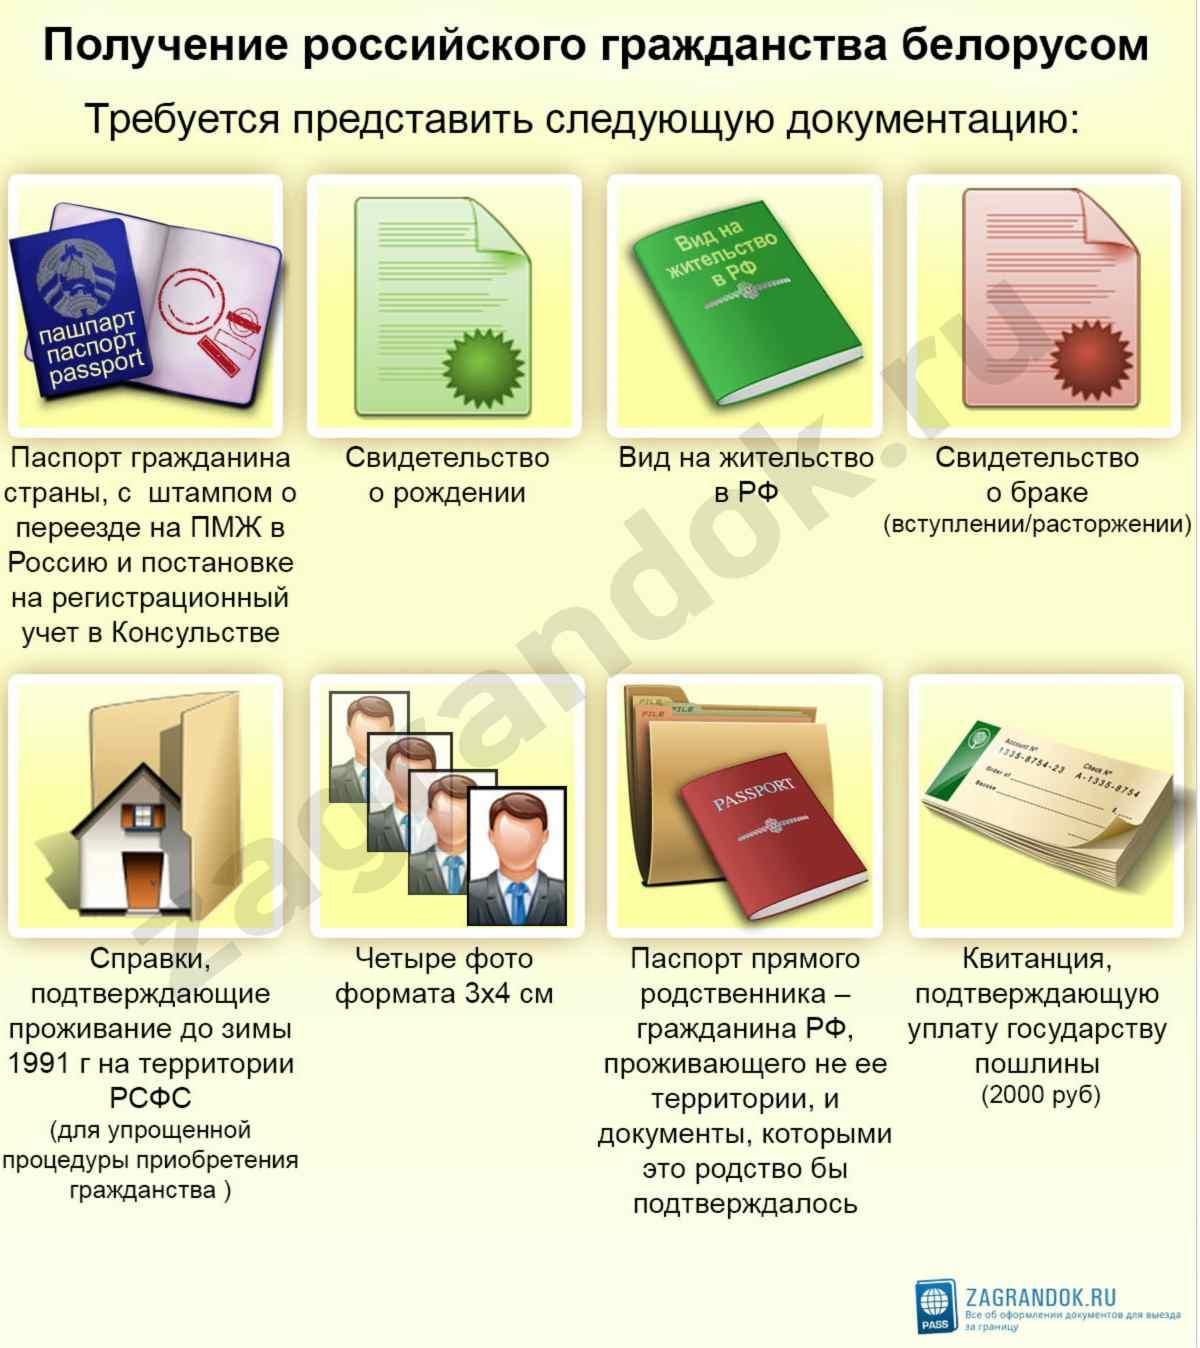 Получение российского гражданства белорусом